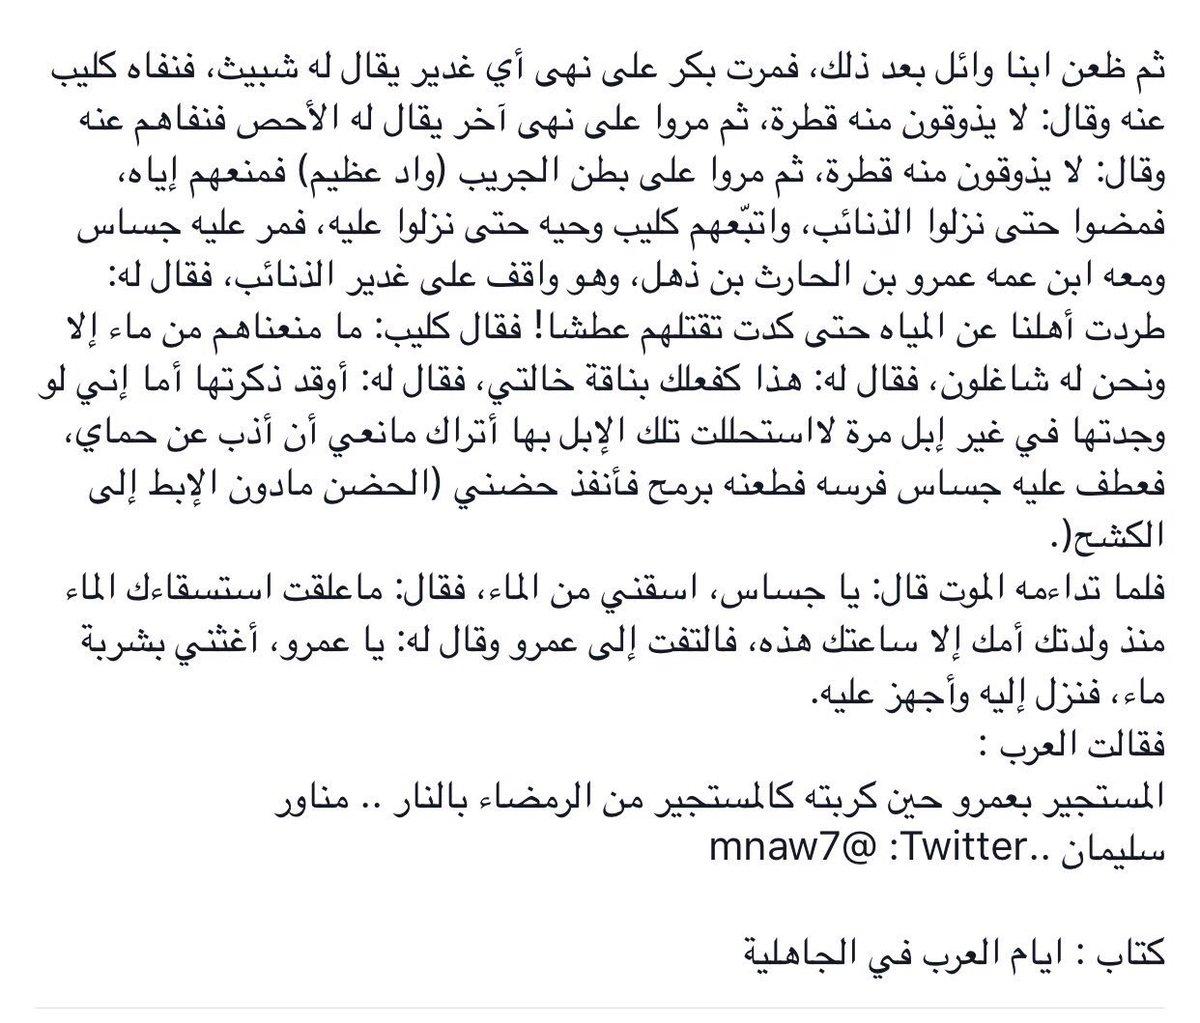 مناور سليمان в твиттере قالت العرب المستجير بعمرو حين